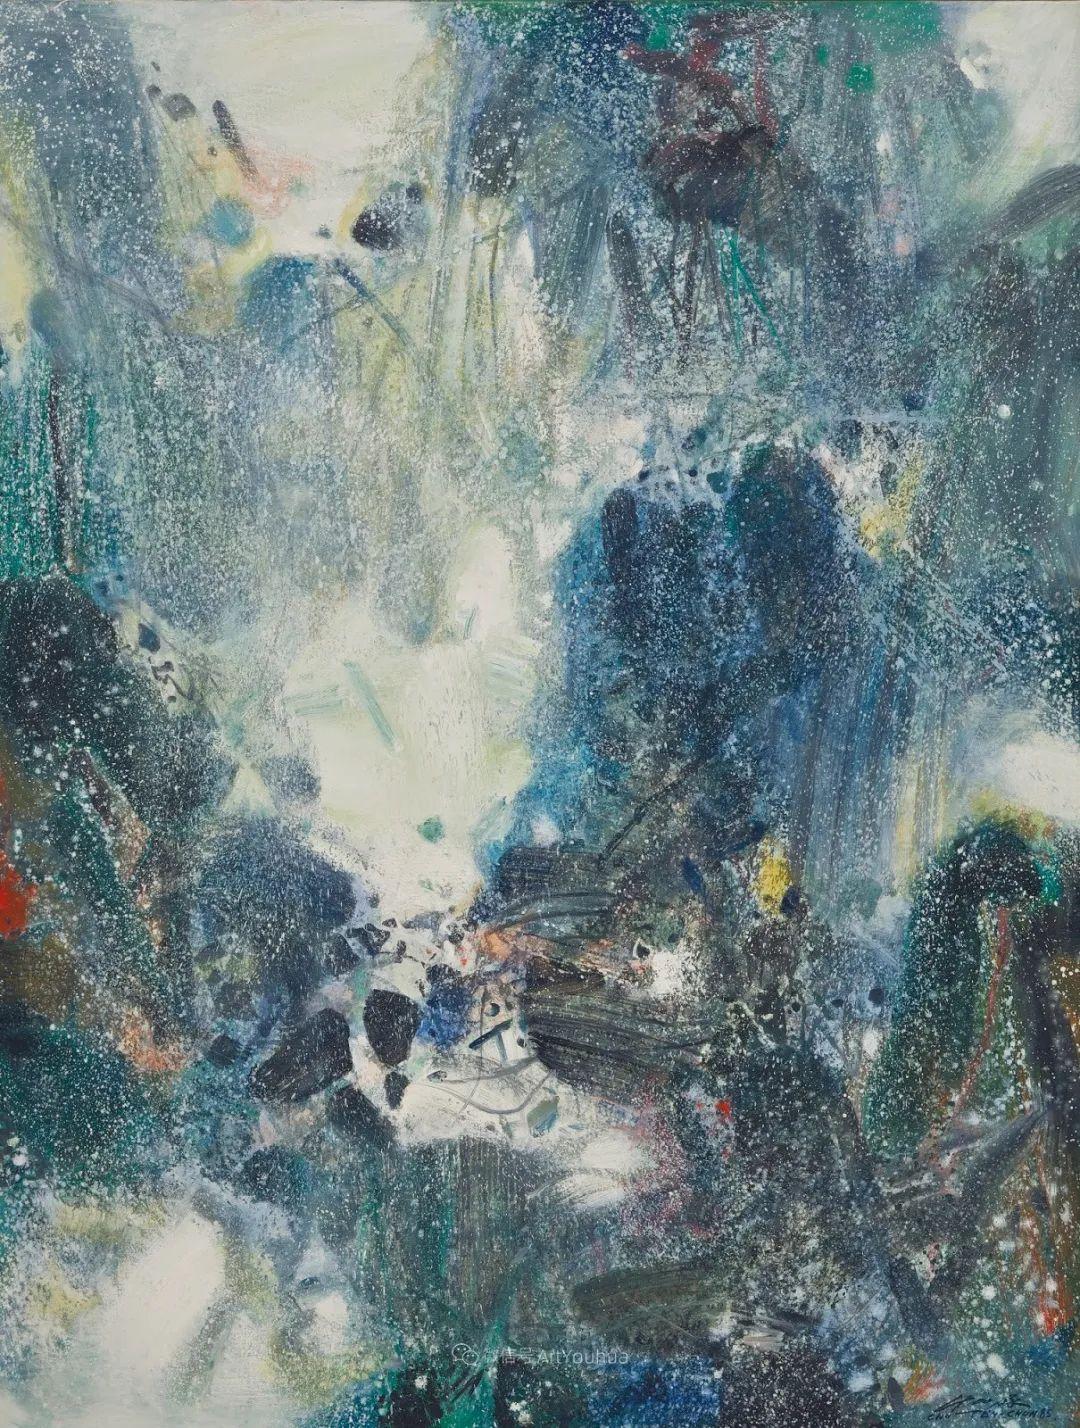 以色彩写诗,具象转抽象,朱德群作品欣赏 (高清)插图77